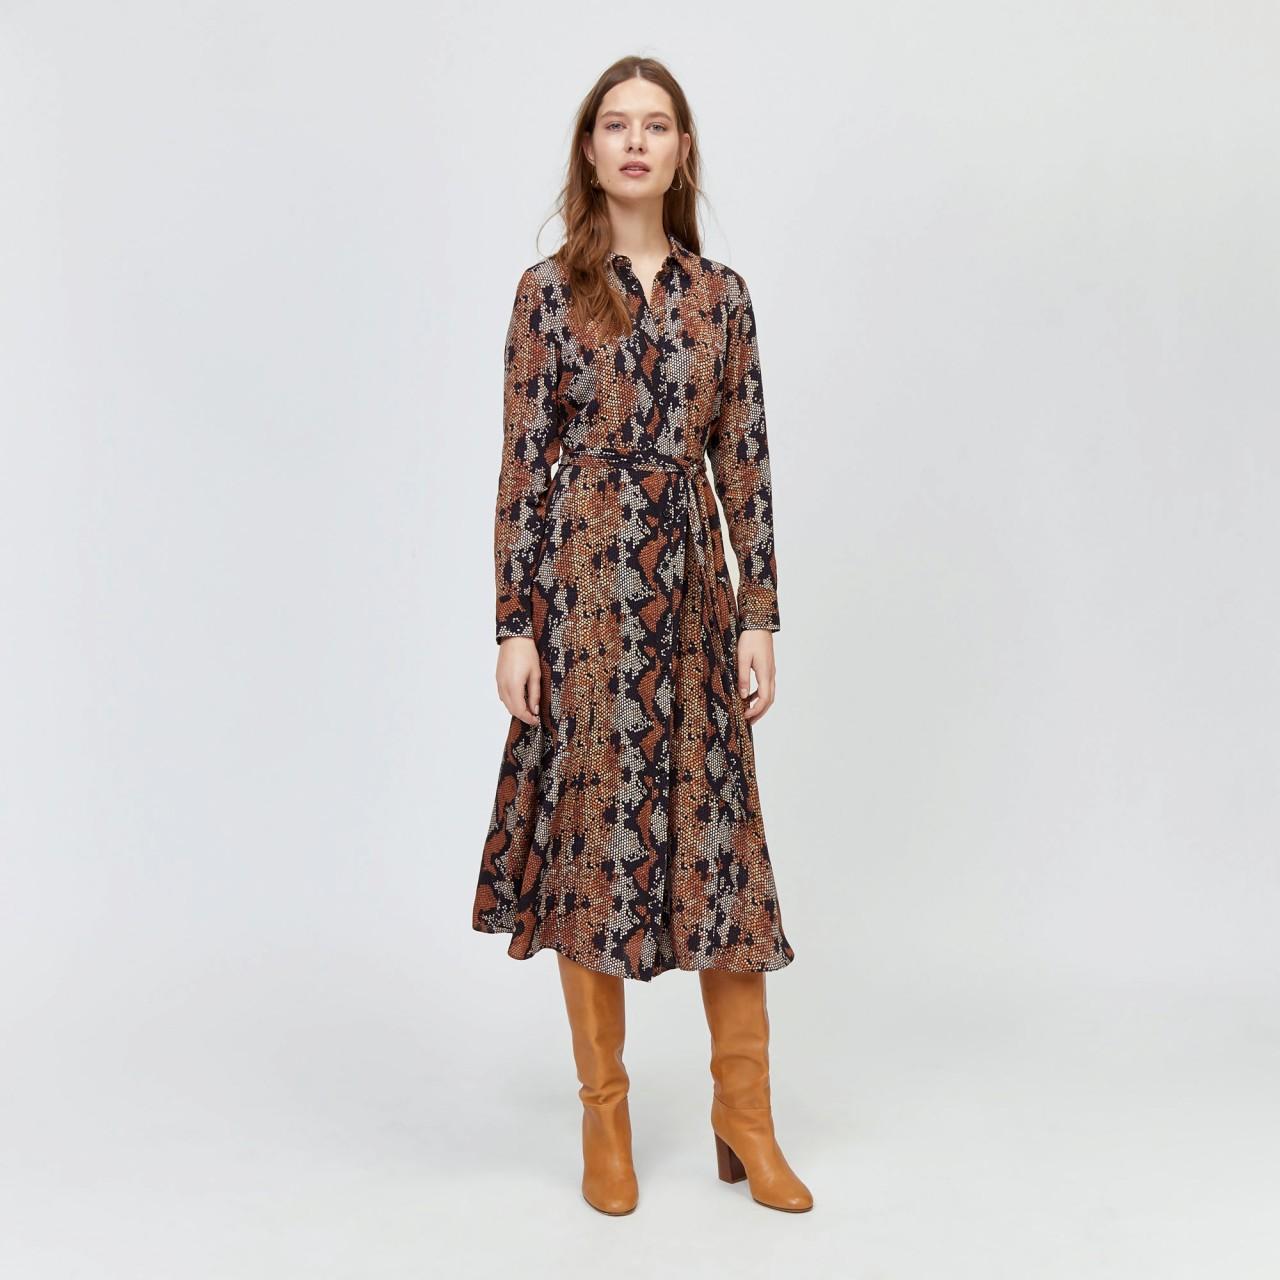 5 модных платьев, которые лучше всего сочетаются с сапогами лучшее